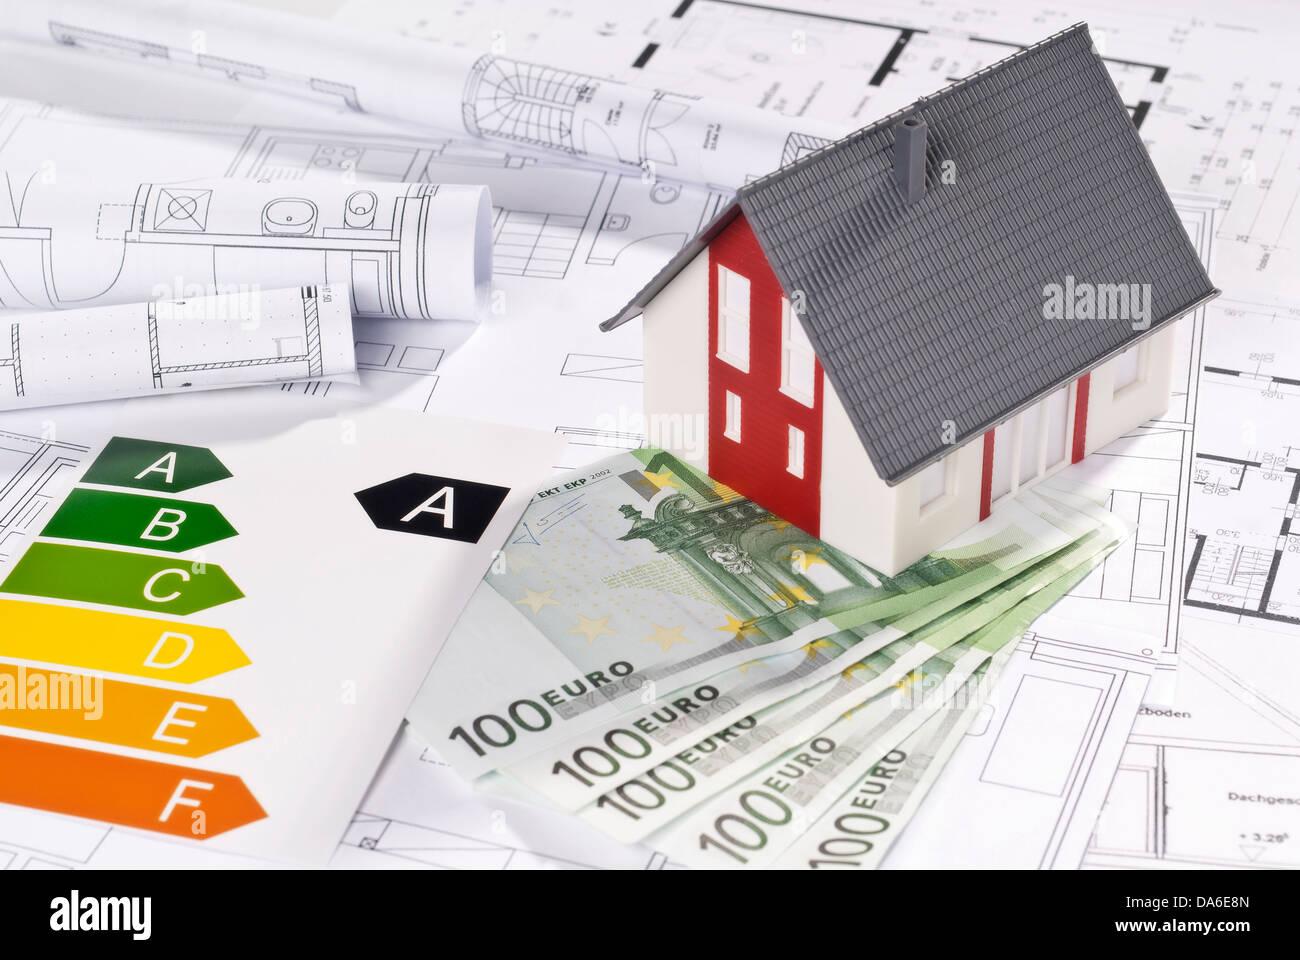 Energieeffizienz-Label mit Architekturmodell, Blaupausen und Rechnungen. Stockbild